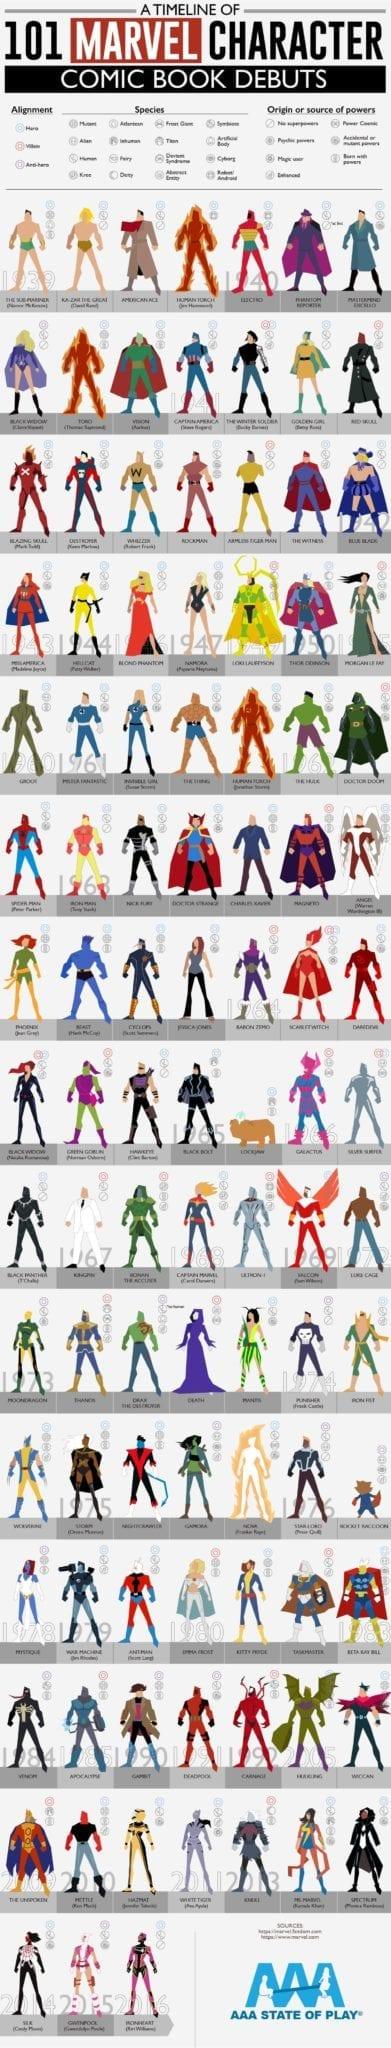 marvel comics timeline spider-man